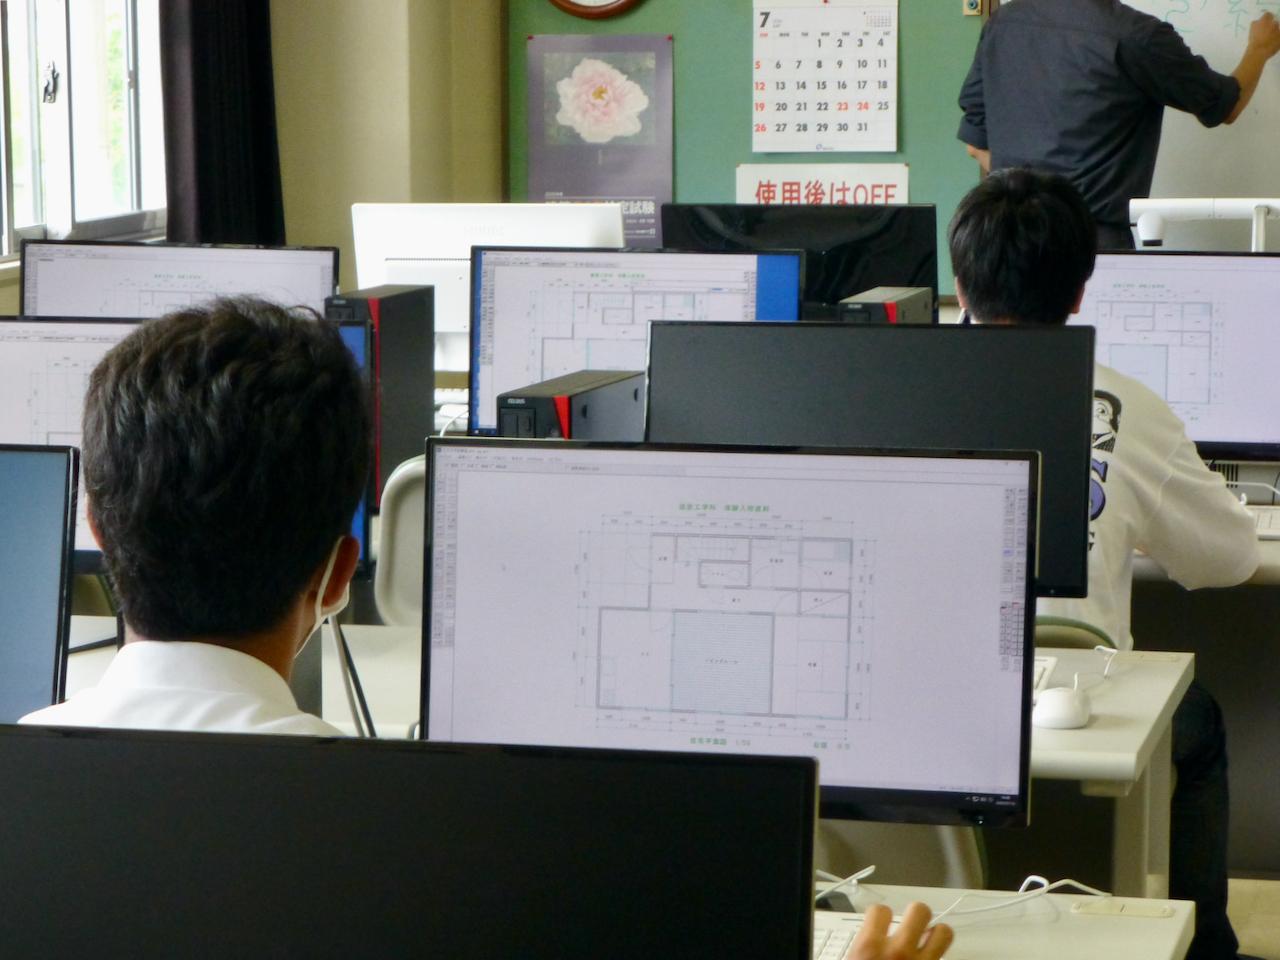 令和2年度オープンキャンパス 建築工学科